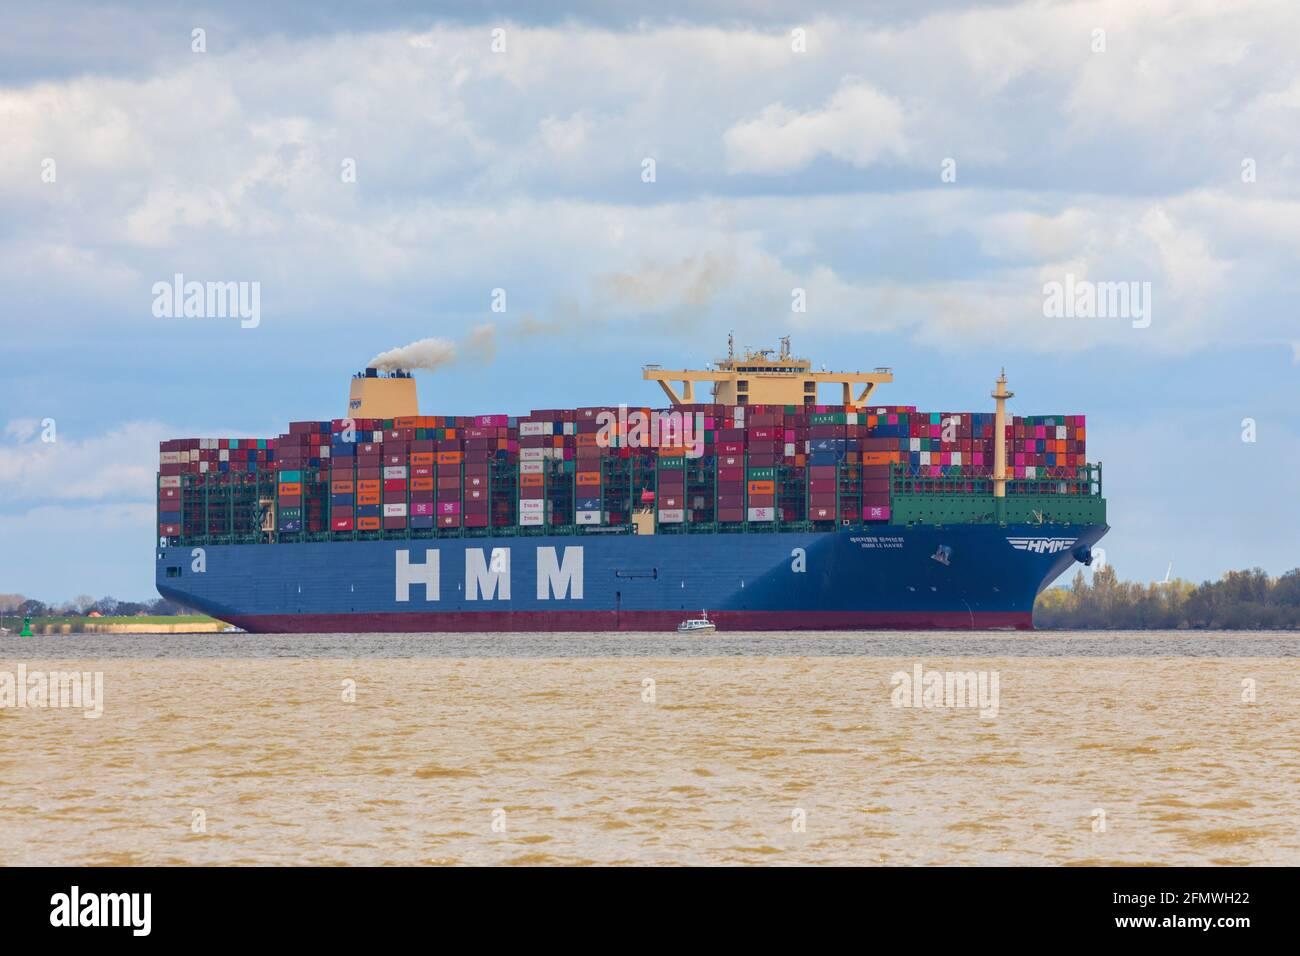 Stade, Allemagne – 7 mai 2021 : HMM LE HAVRE, avec ses navires sœurs de la classe MEGAMAX, le plus grand navire à conteneurs au monde, en direction de Hambourg Banque D'Images